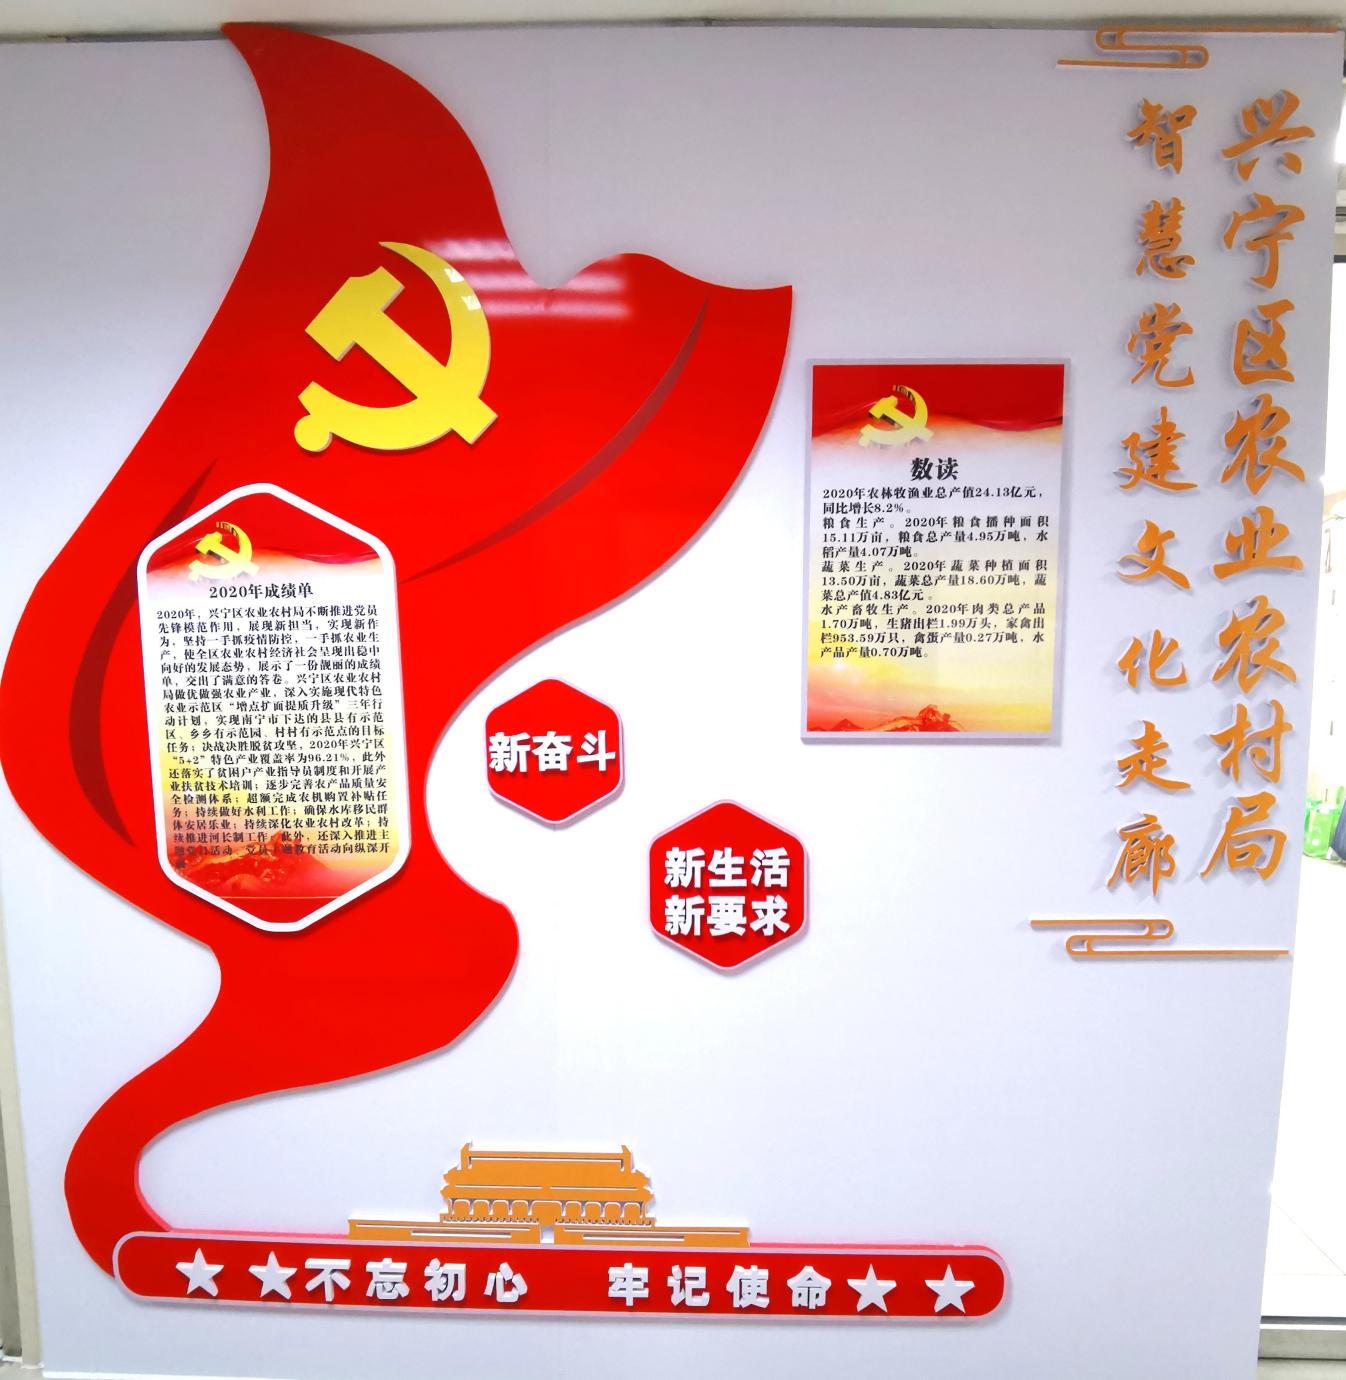 兴宁区农业农村局:建设智慧党建文化走廊,打造党建工作新亮点